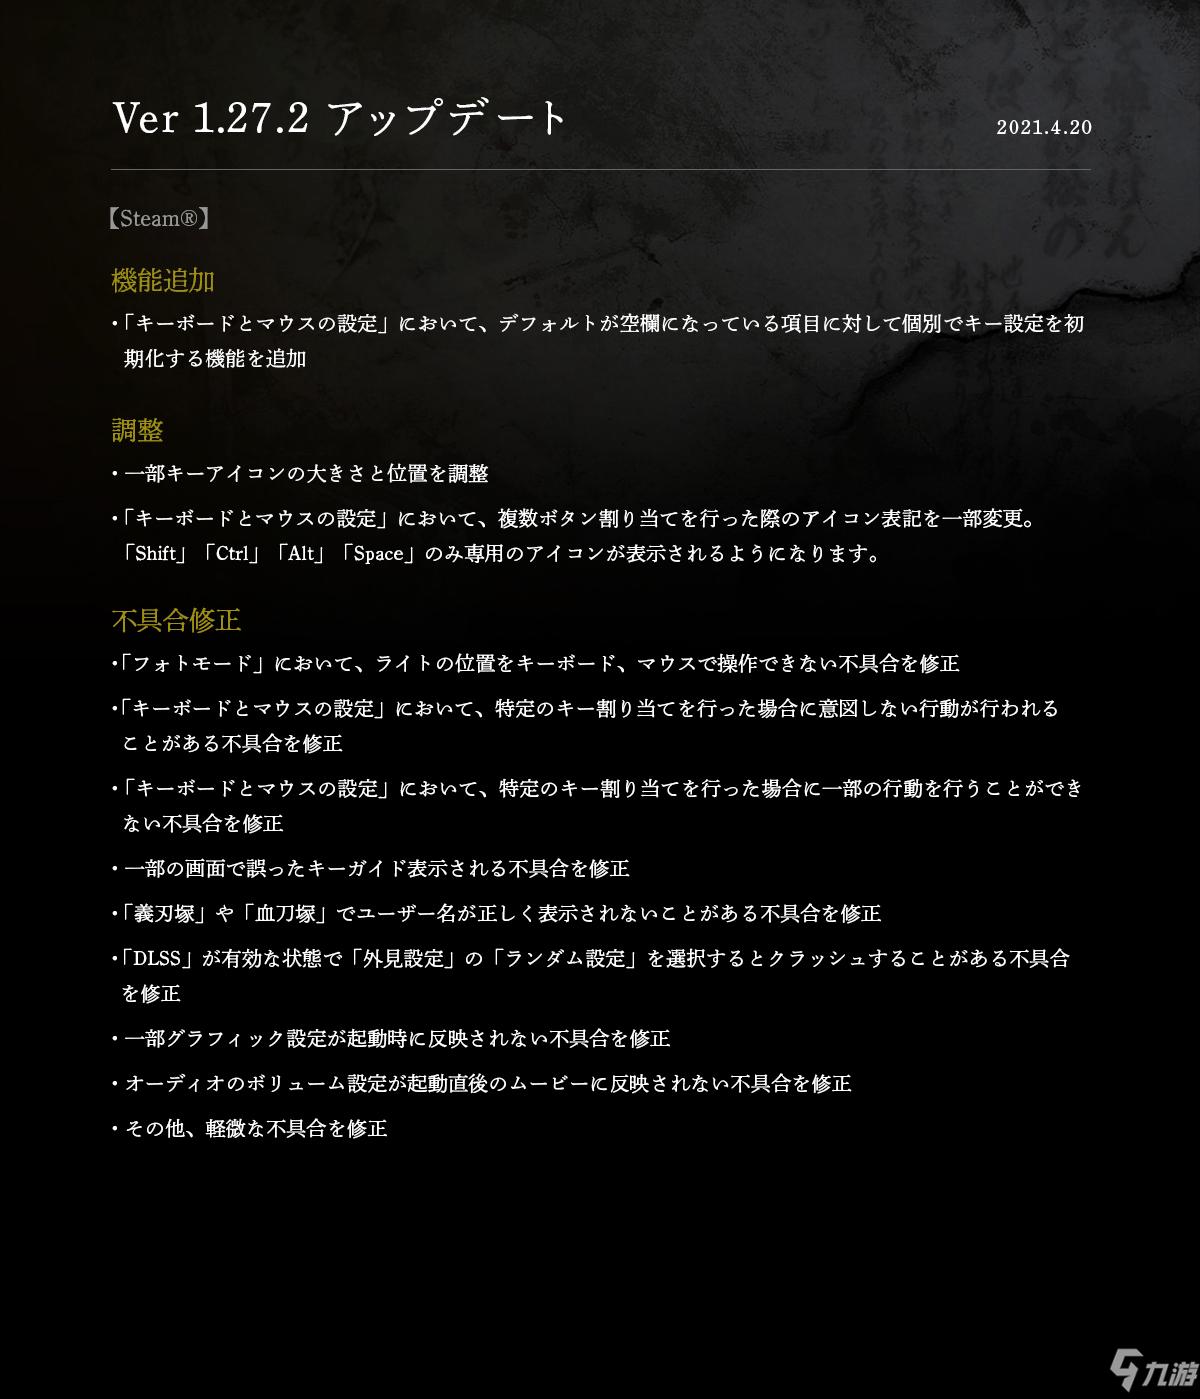 《仁王2》PC版最新更新上线 追加新机能调整修复问题